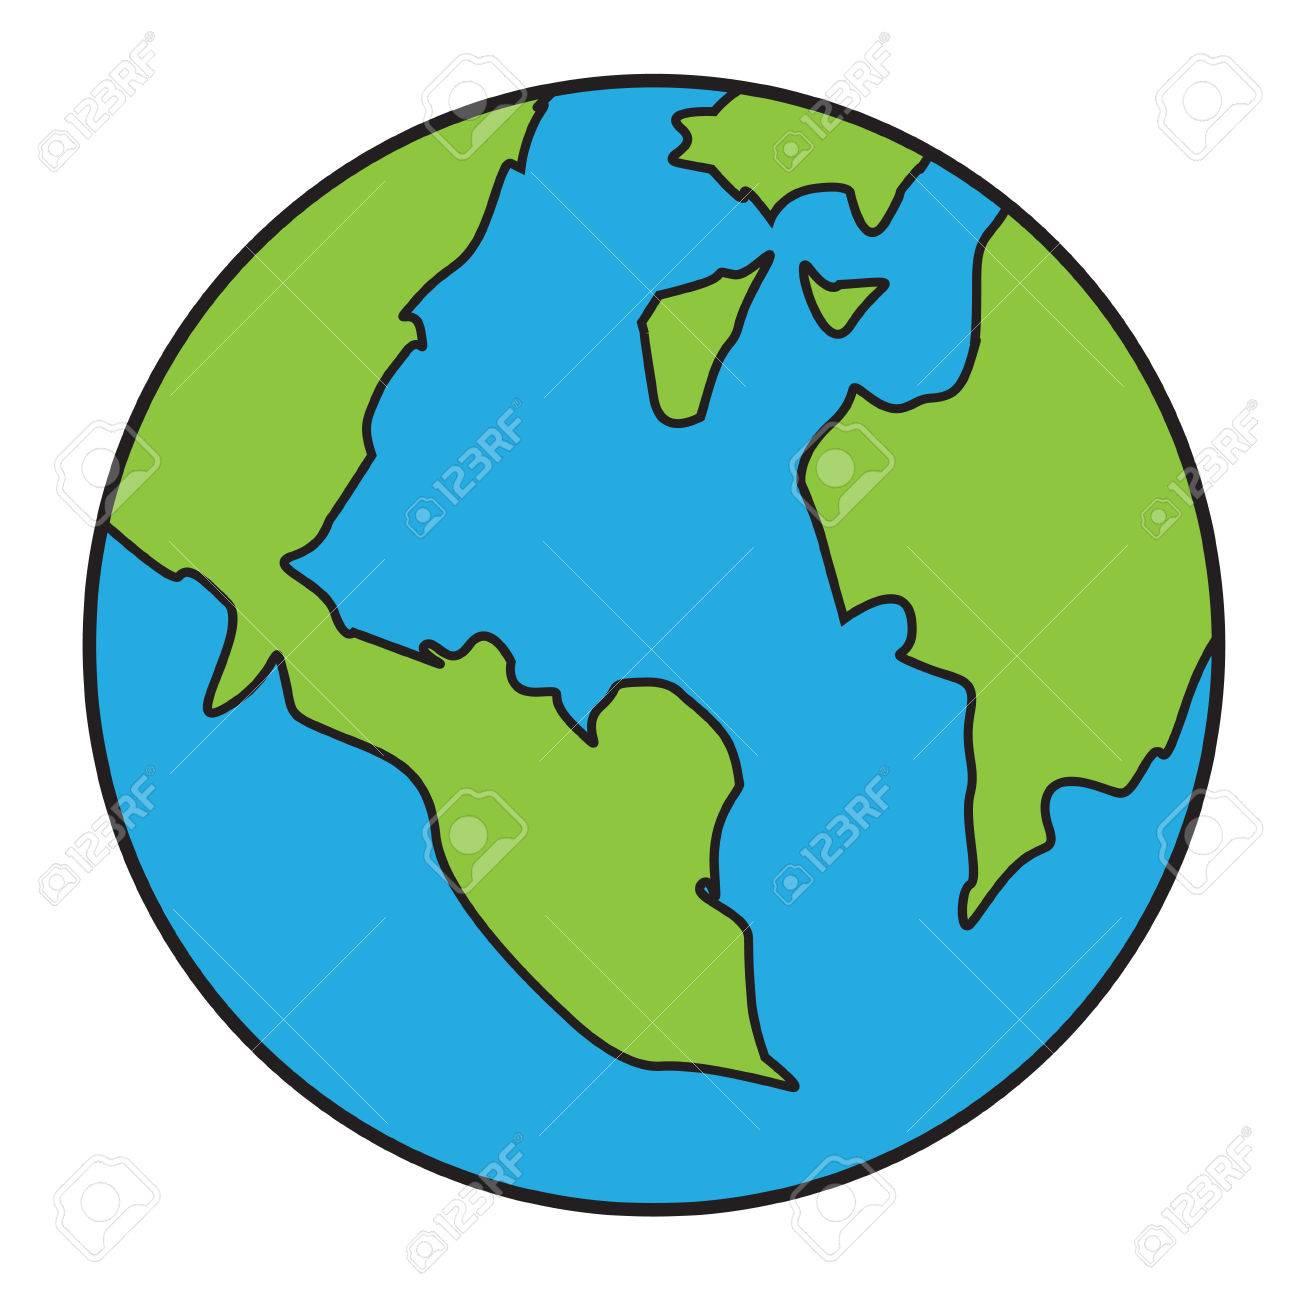 Vector Illustration De La Planète Terre Isolé Sur Blanc Dans Un Style De  Bande Dessinée encequiconcerne Image De La Terre Dessin